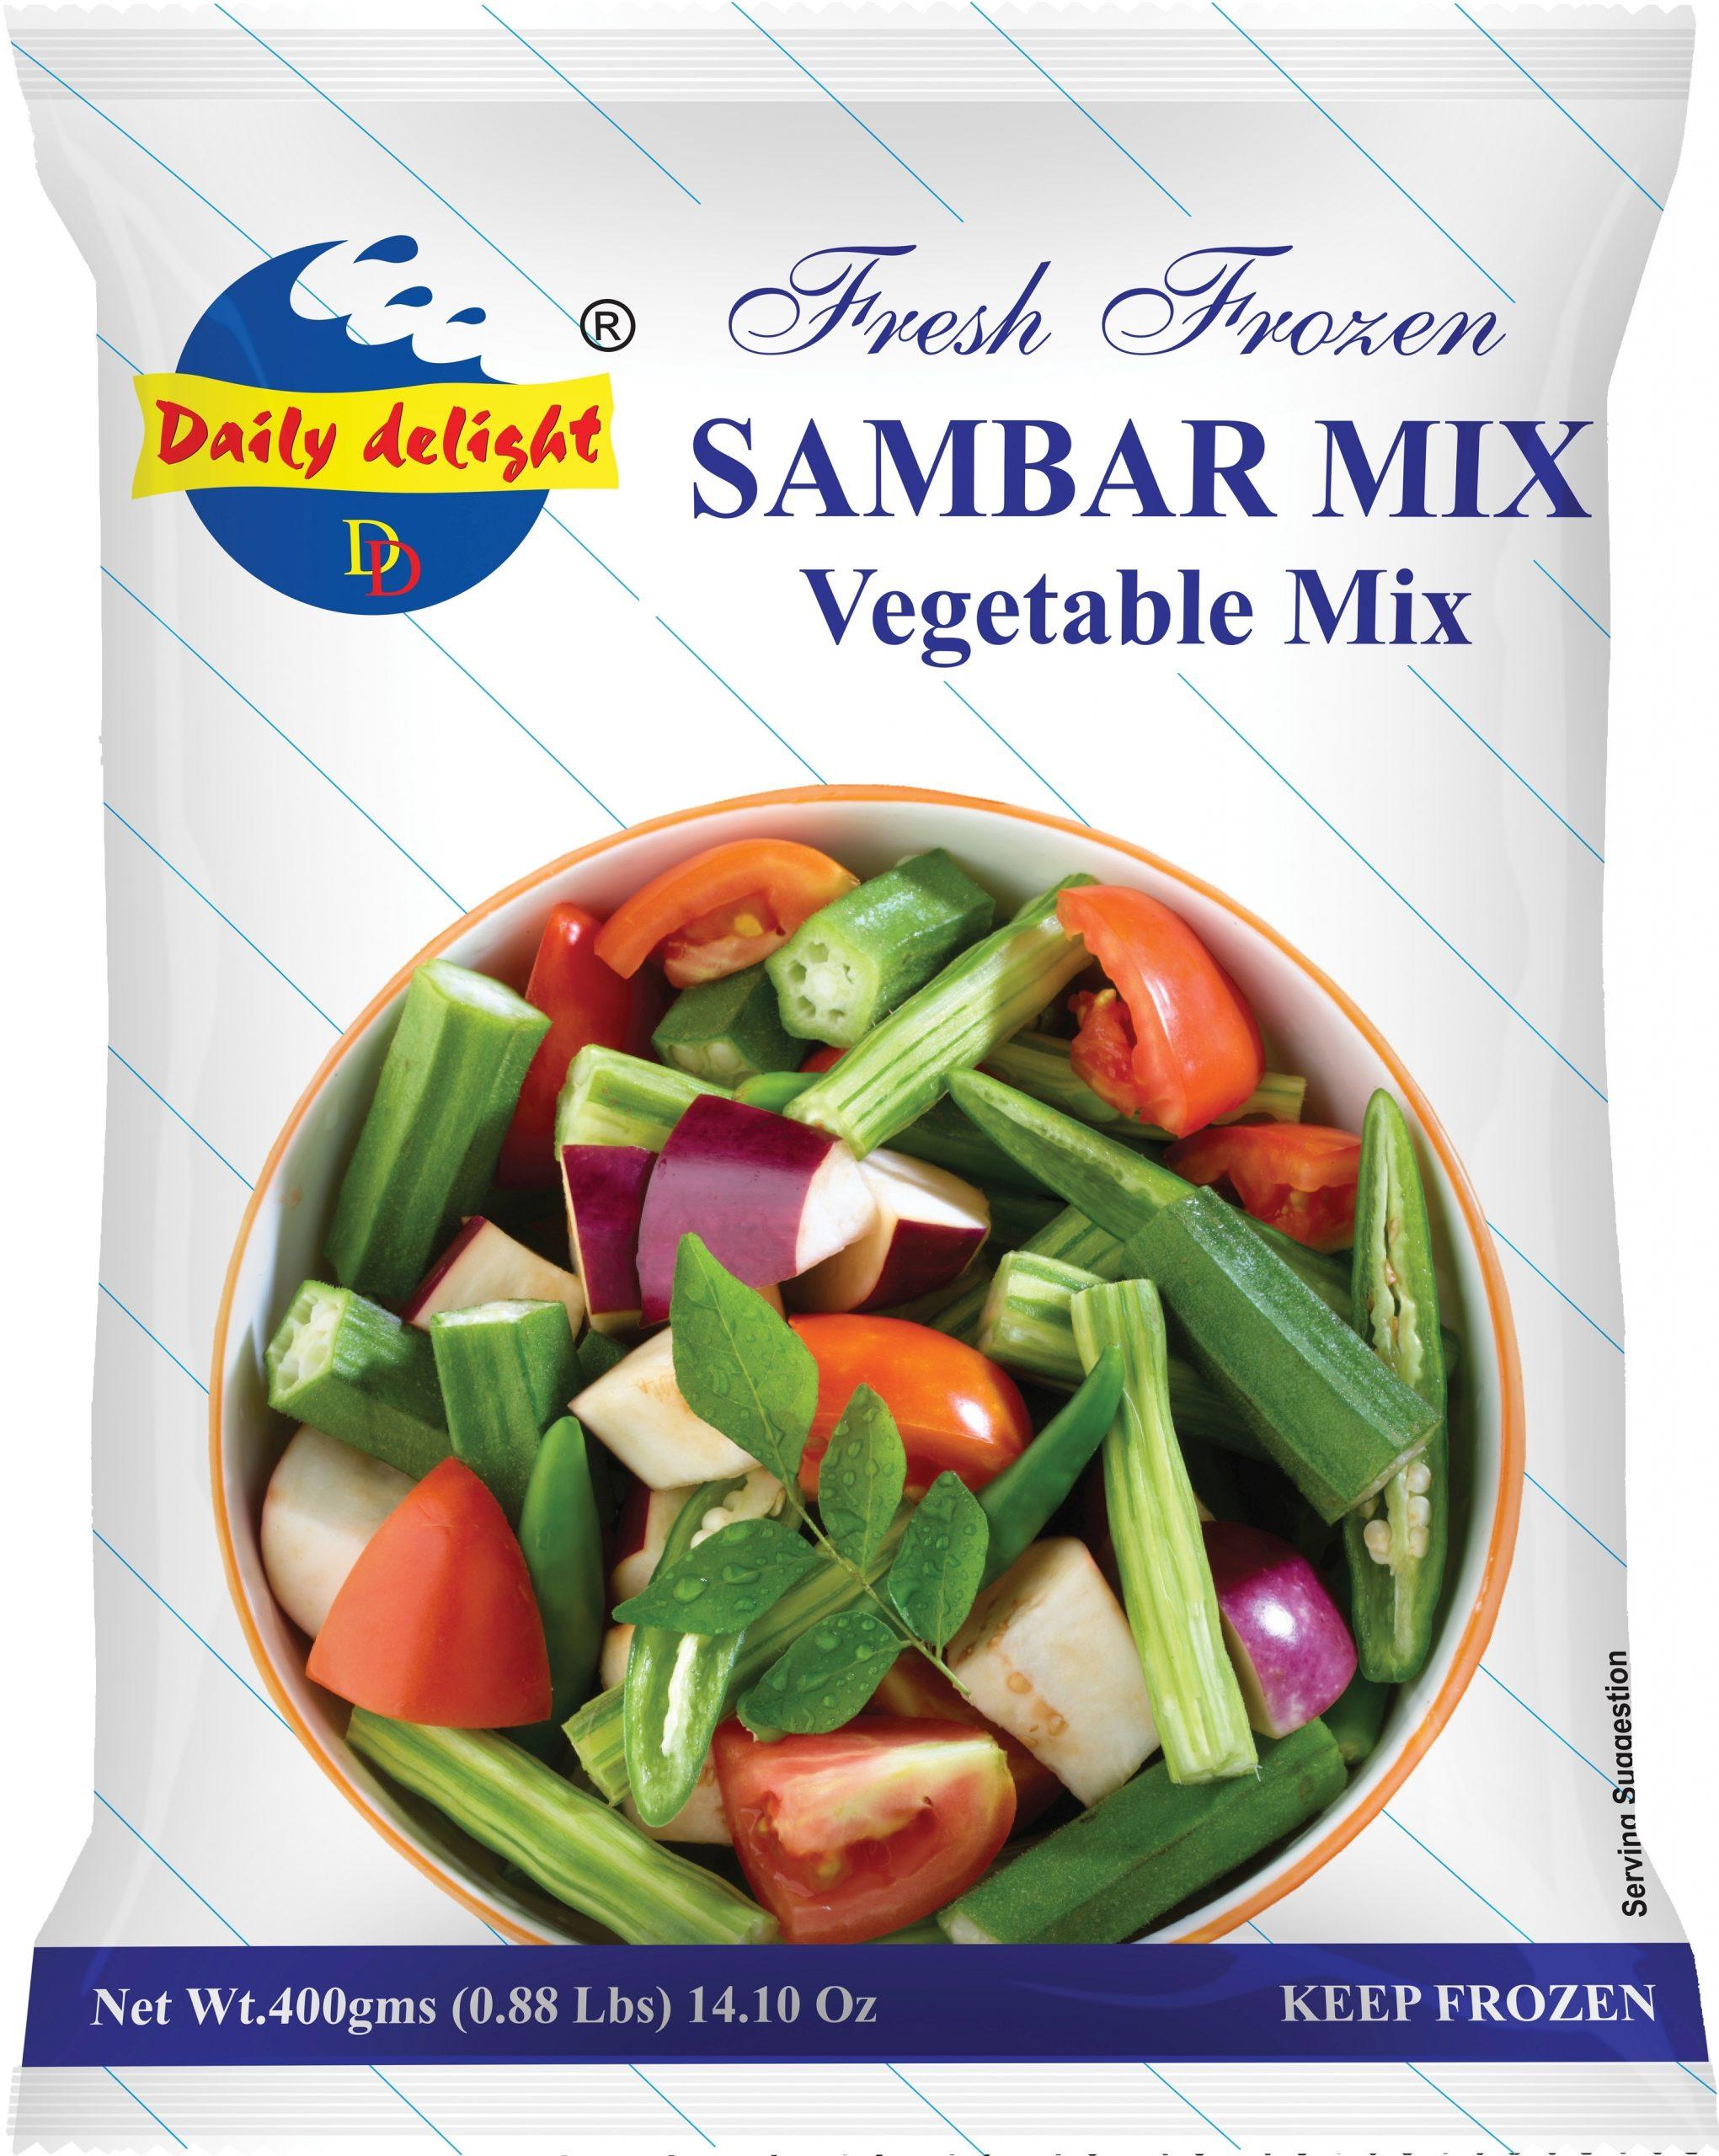 Daily Delight Sambar Mix